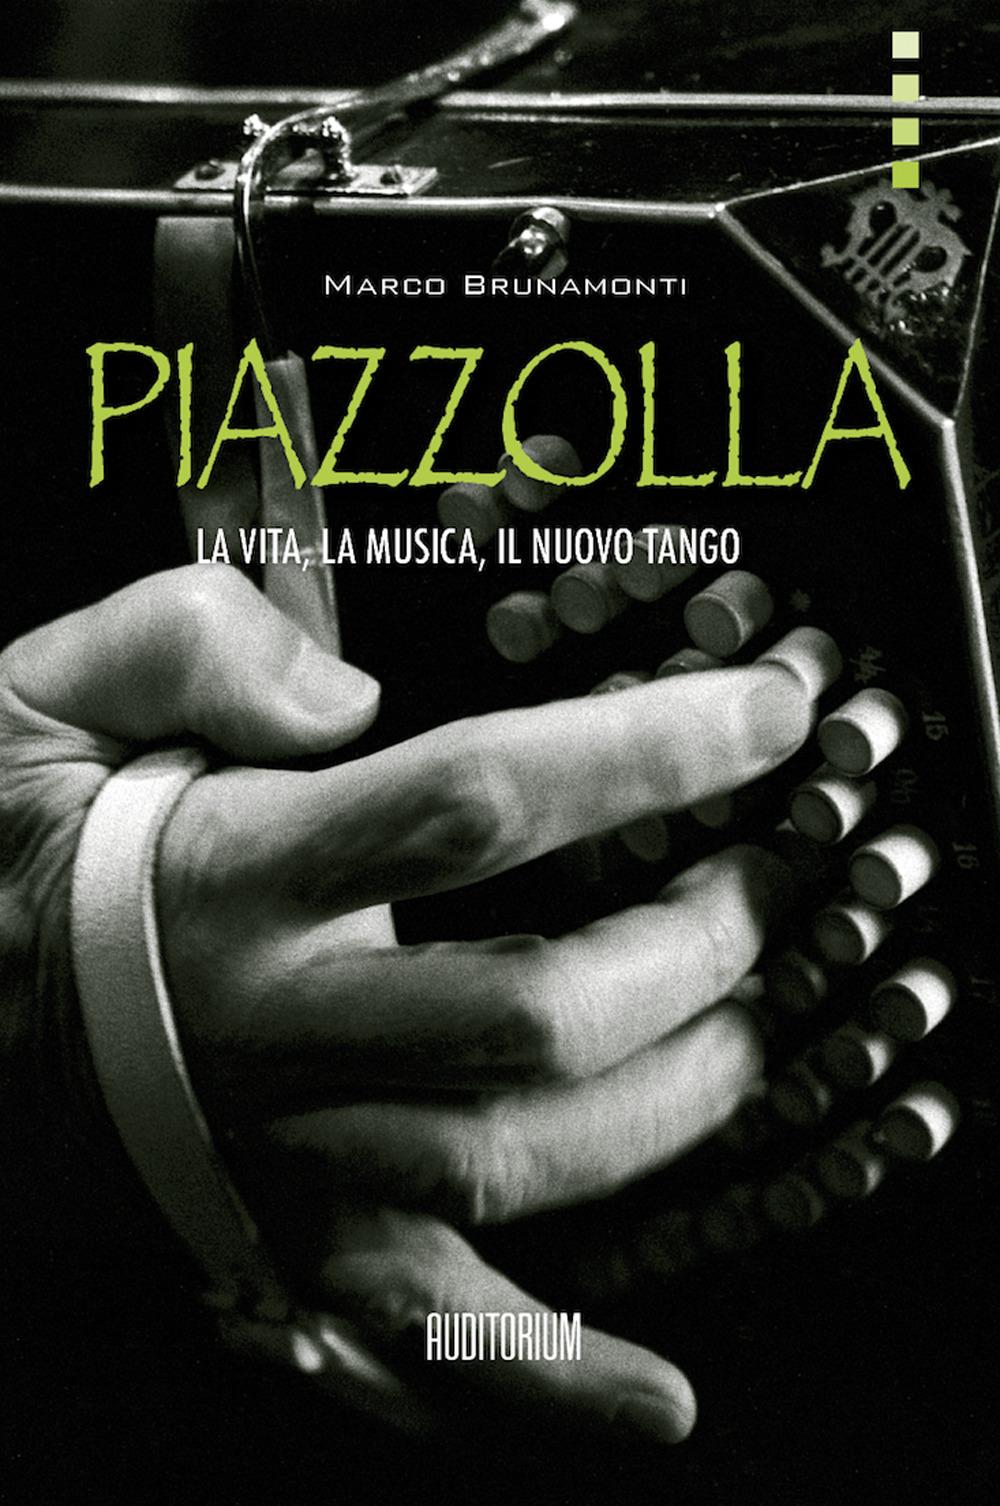 Piazzolla. La vita, la musica, il nuovo tango